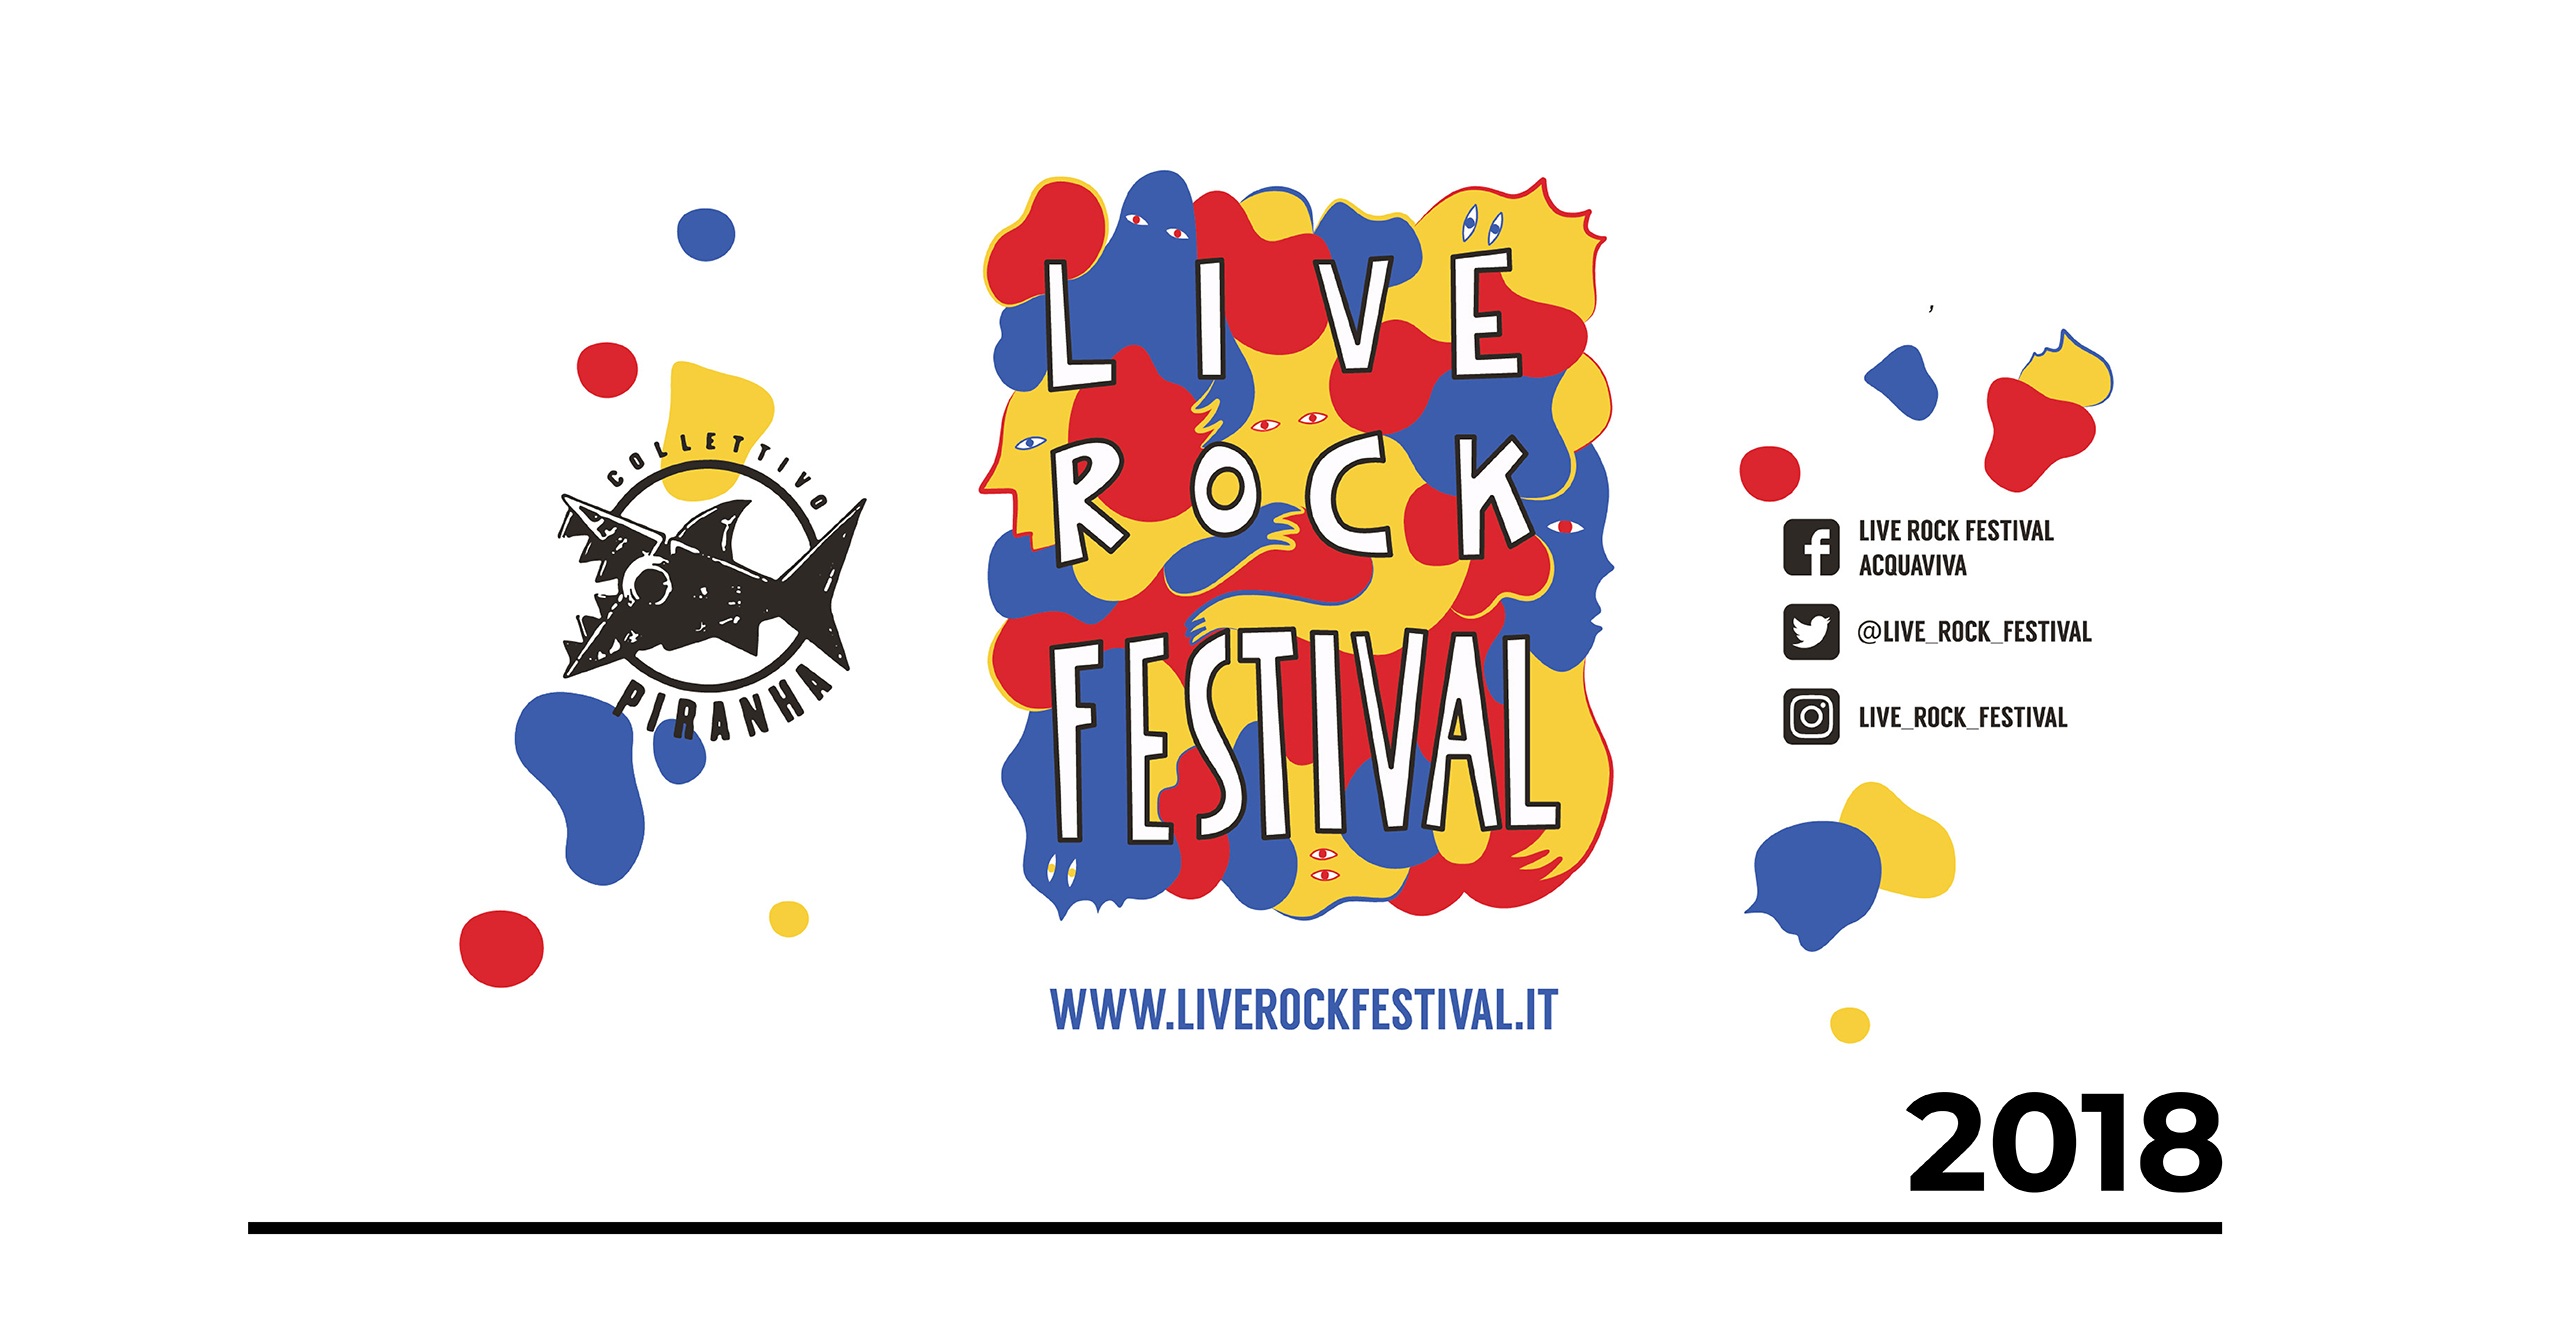 Illustrazione Bicchiere Live Rock Festival 2018